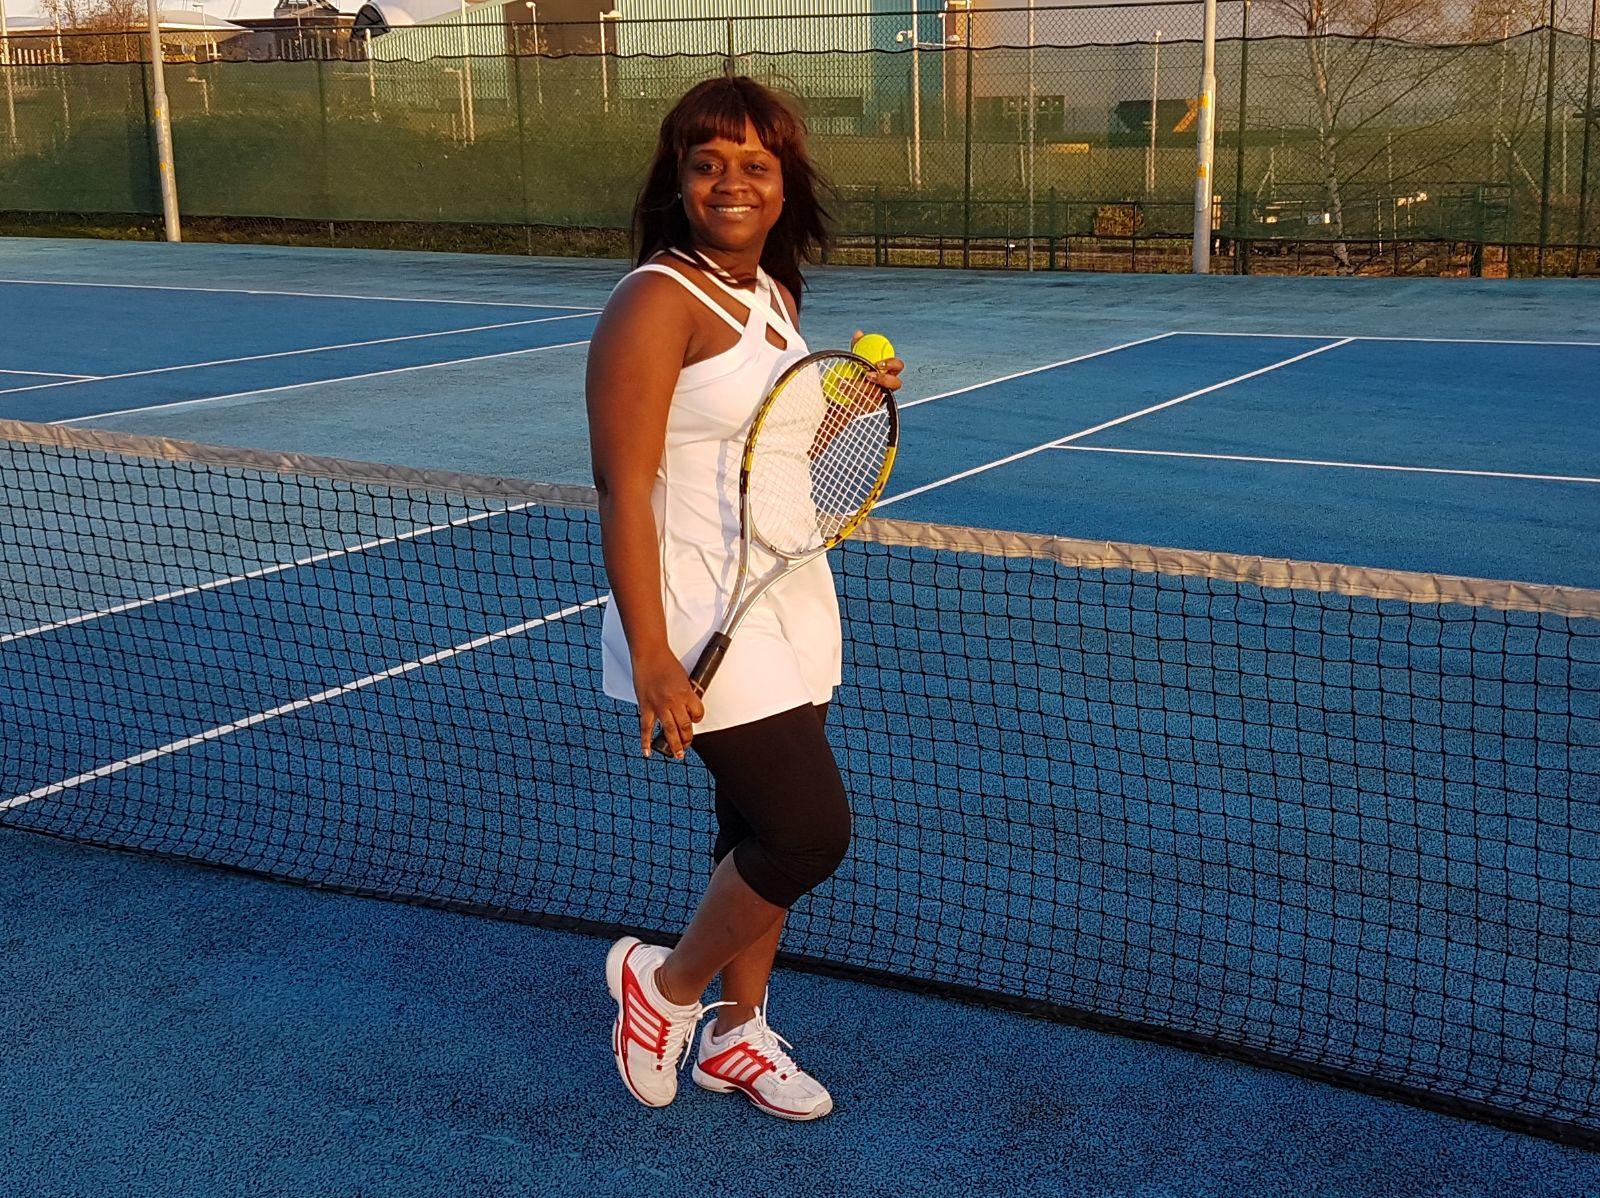 How do I get into tennis How do I get into tennis new picture